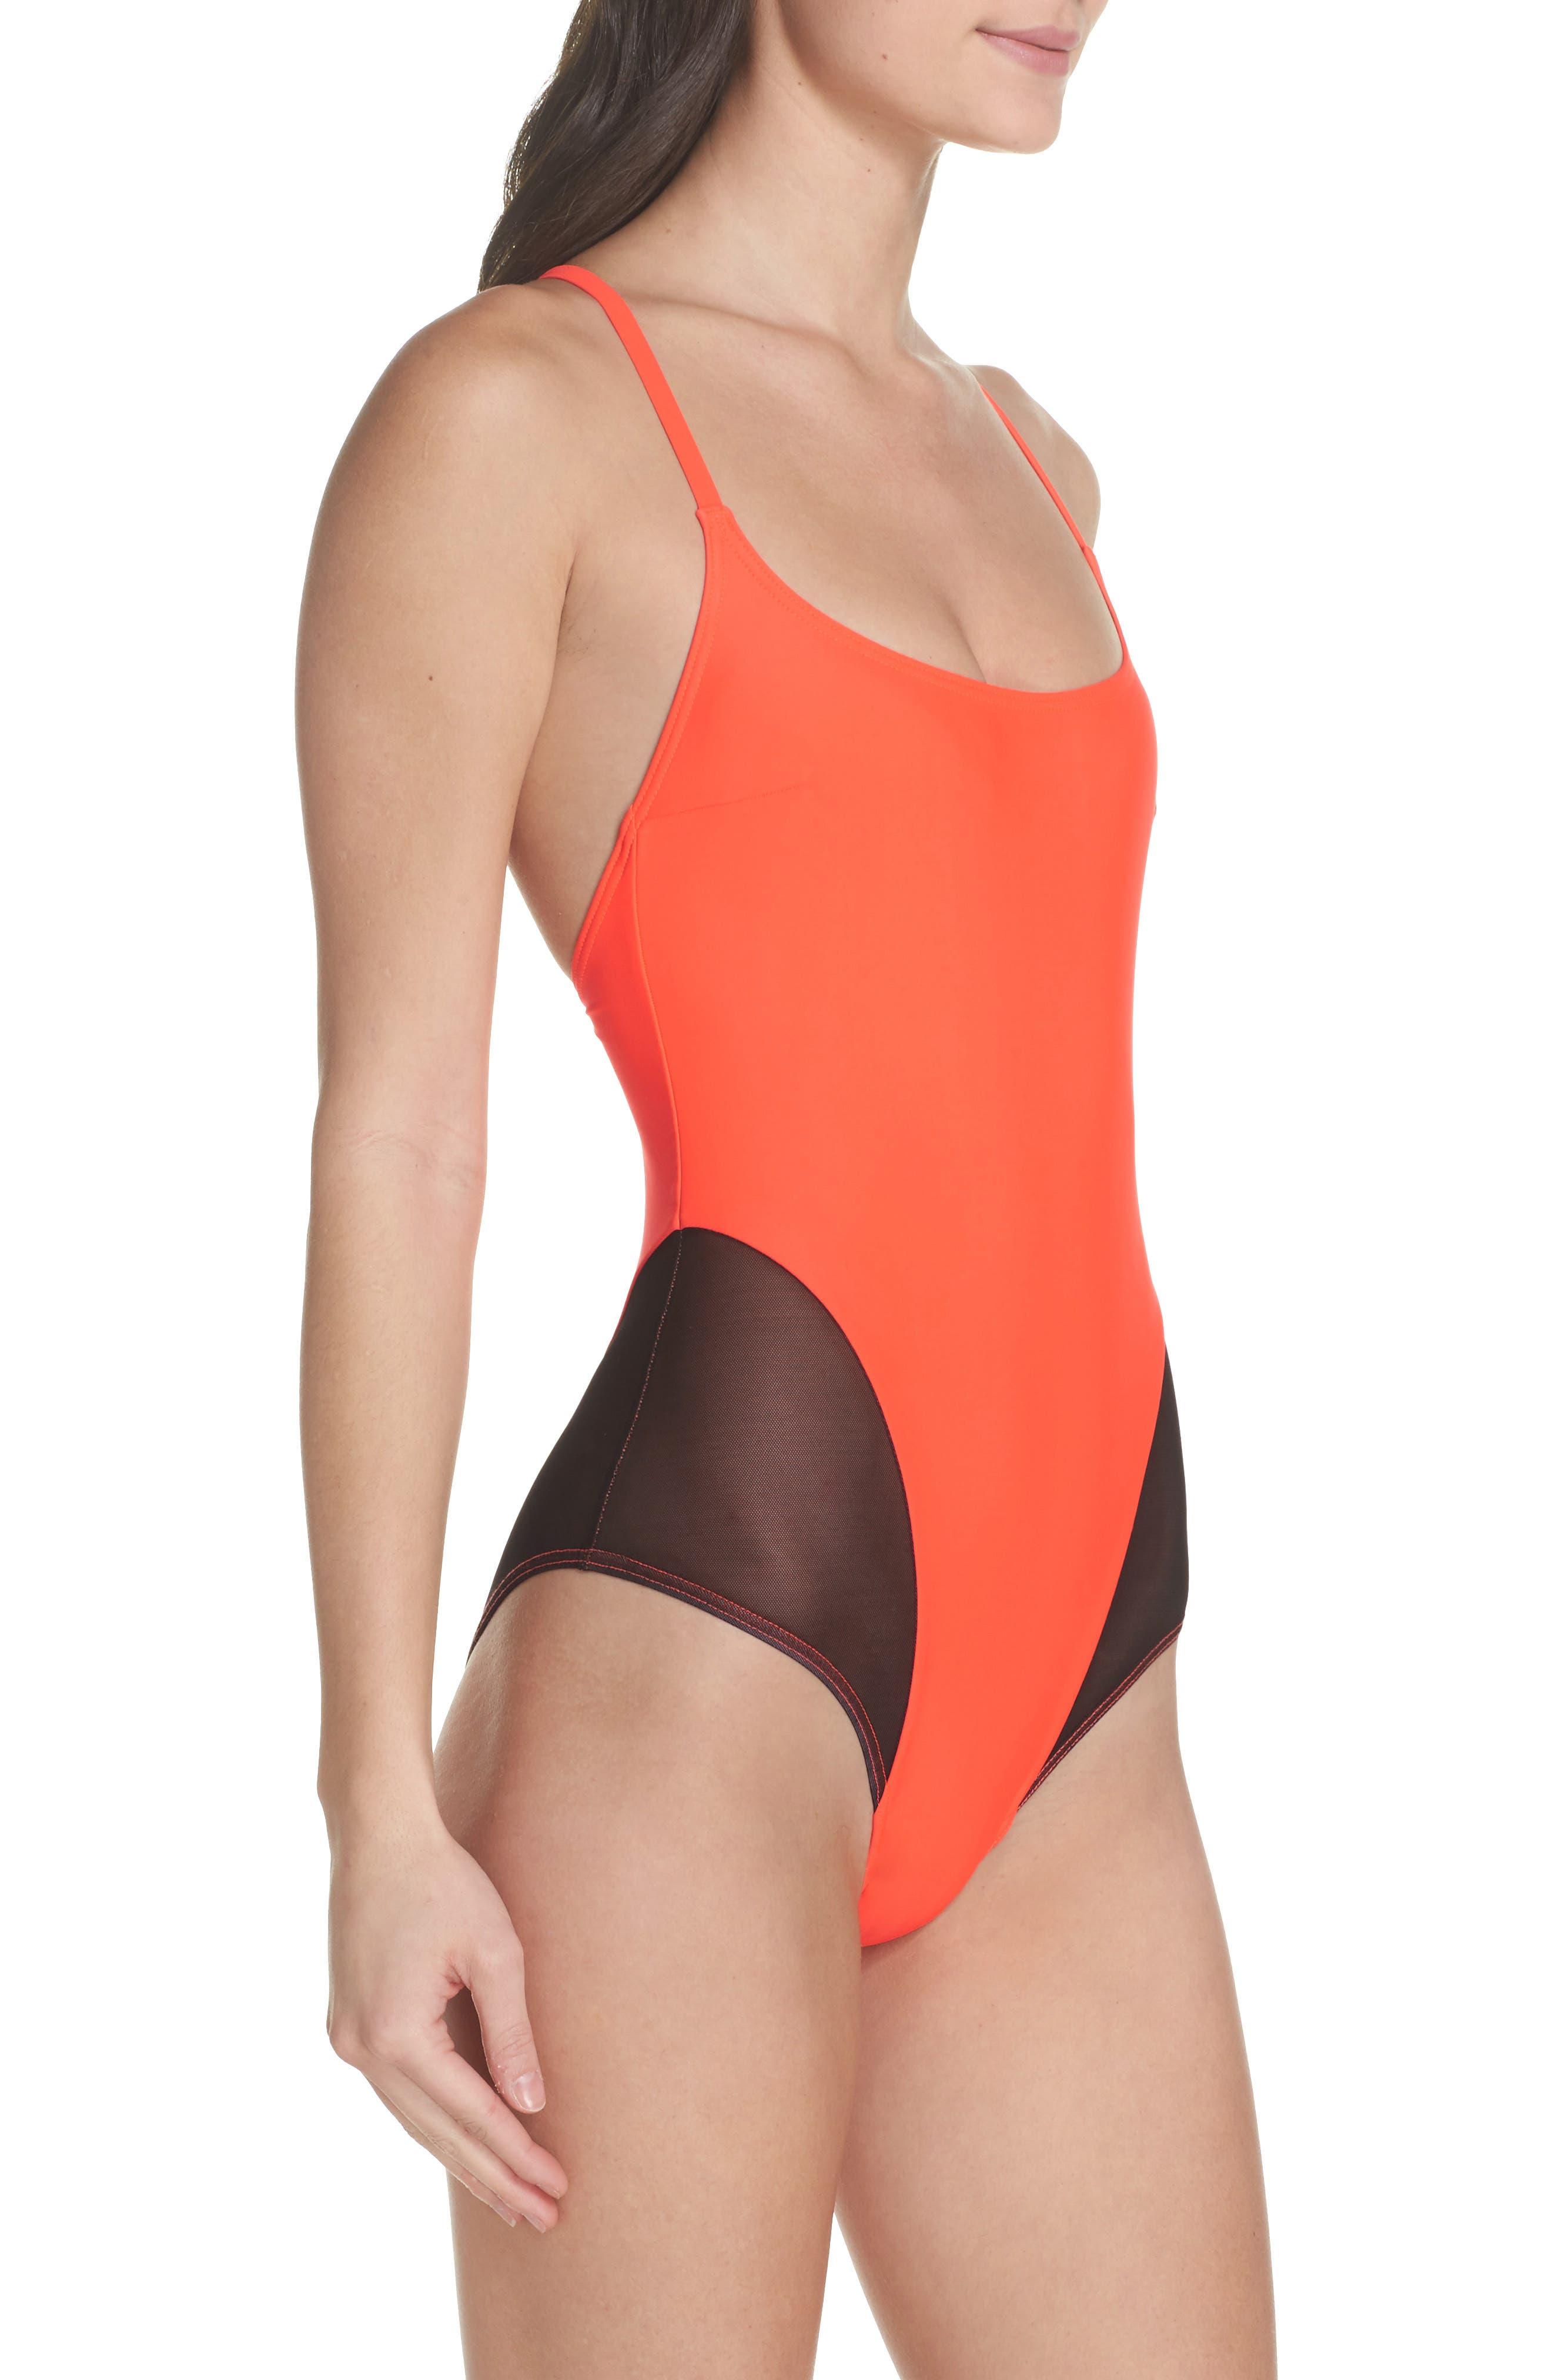 Delta X One-Piece Swimsuit,                             Alternate thumbnail 3, color,                             Neon Lava Orange